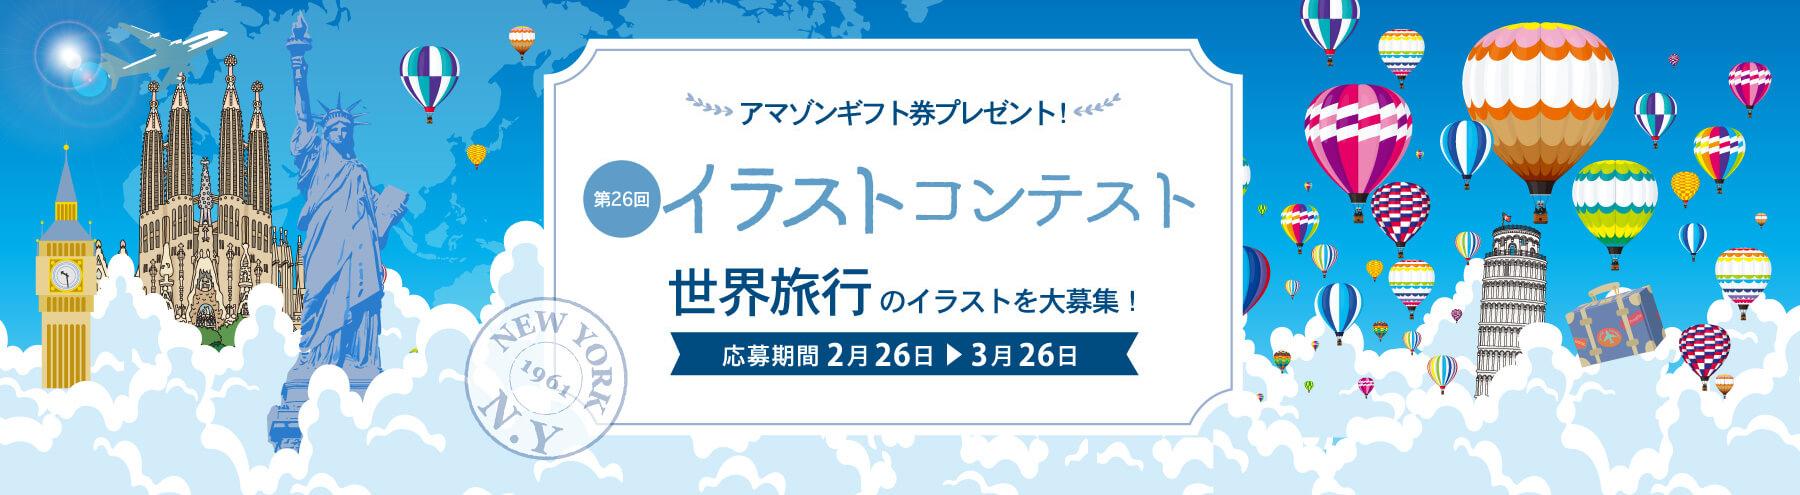 「イラストAC」第26回イラストコンテスト開催!